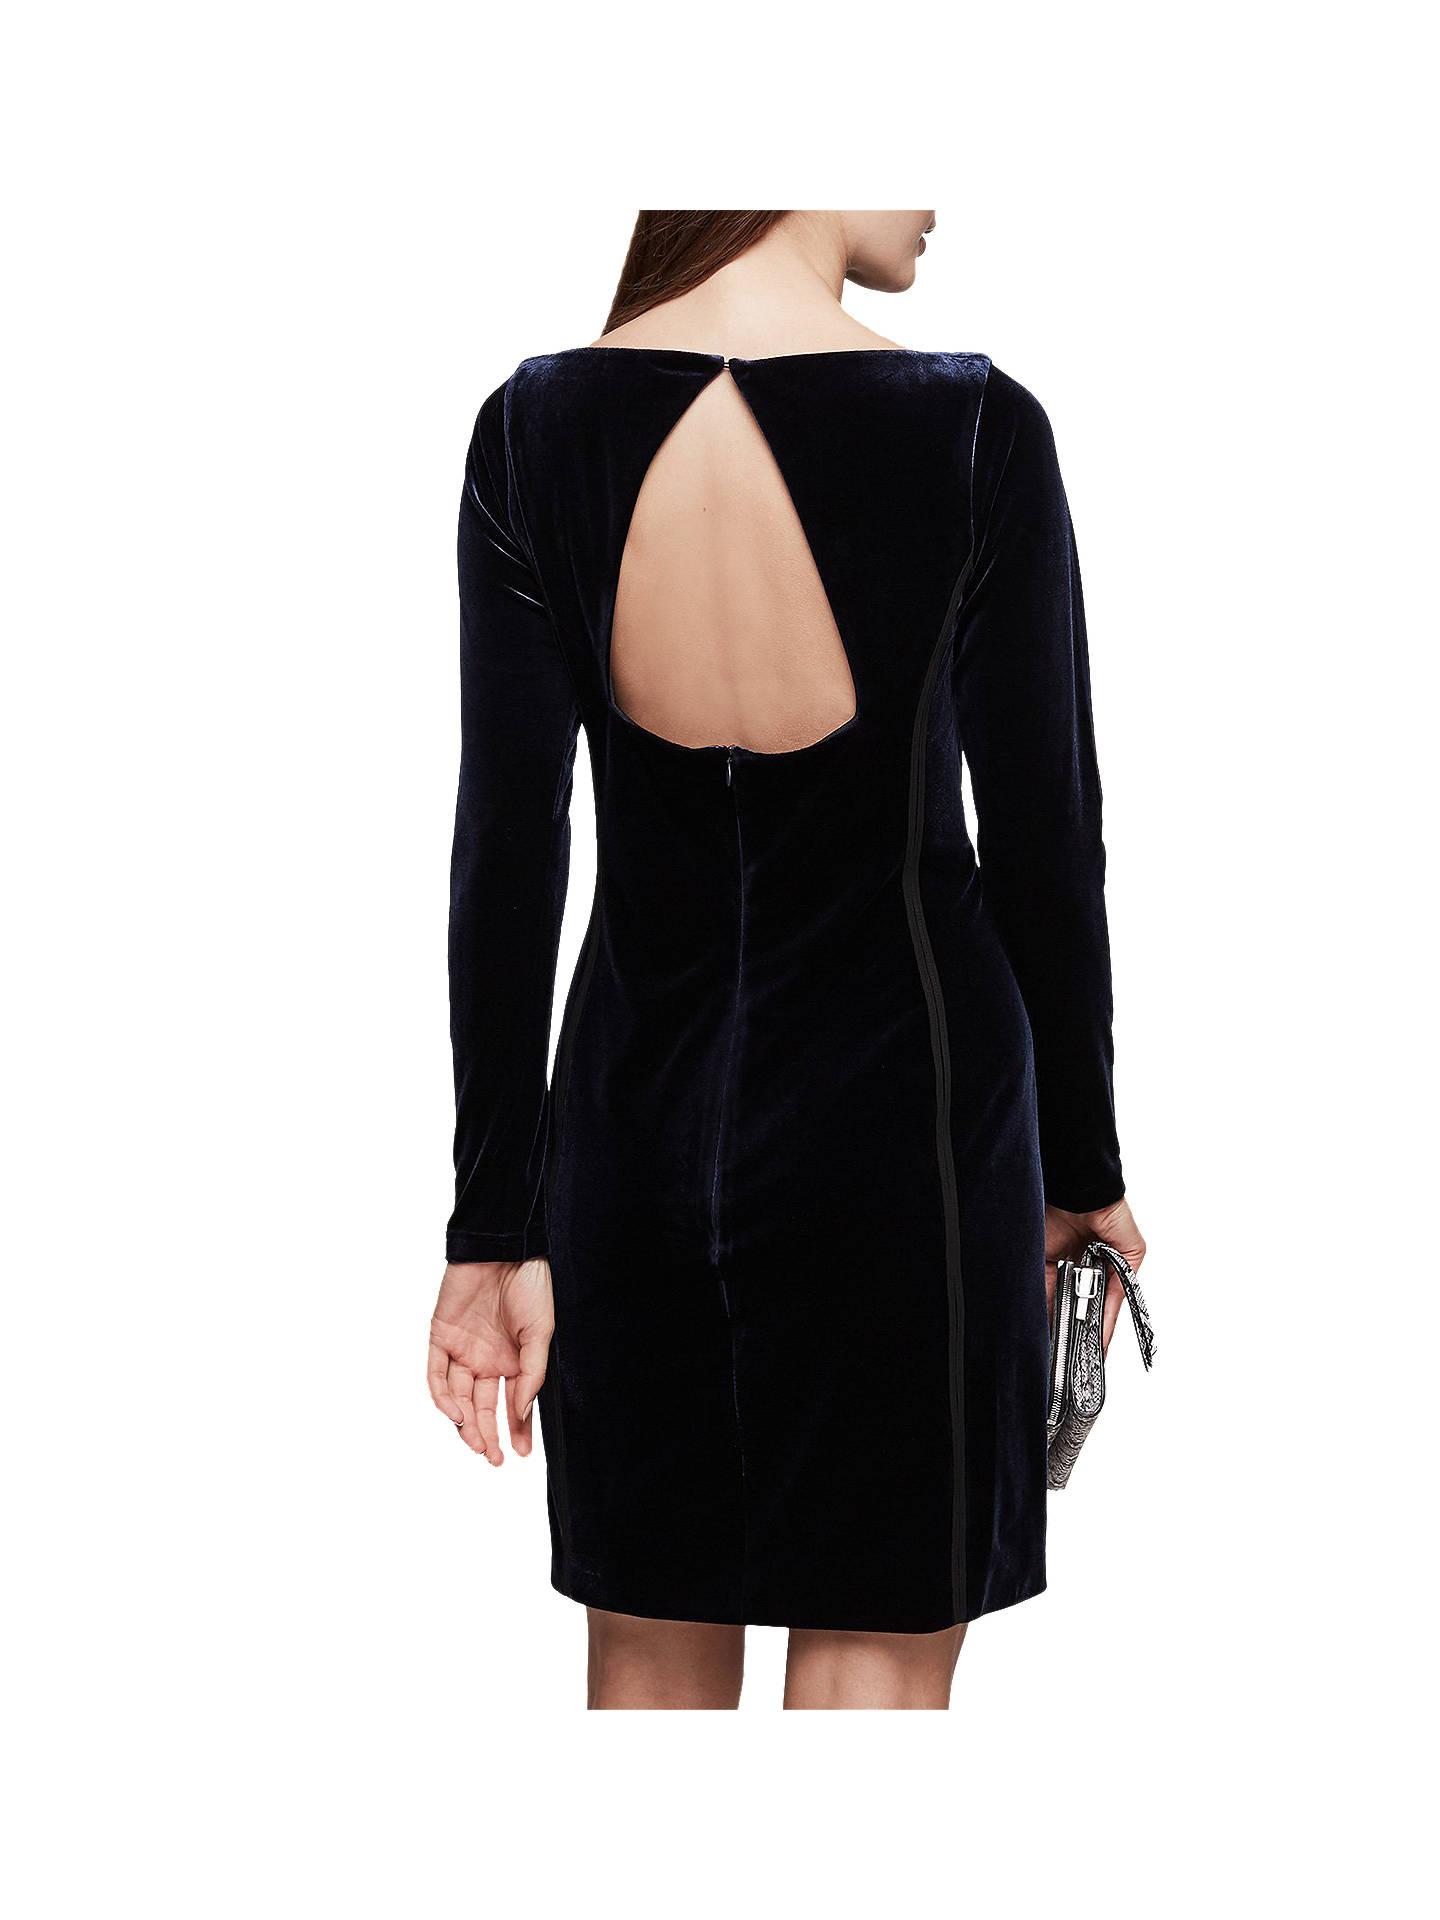 911fd3249f1 ... Buy Reiss Xina Open Back Velvet Dress